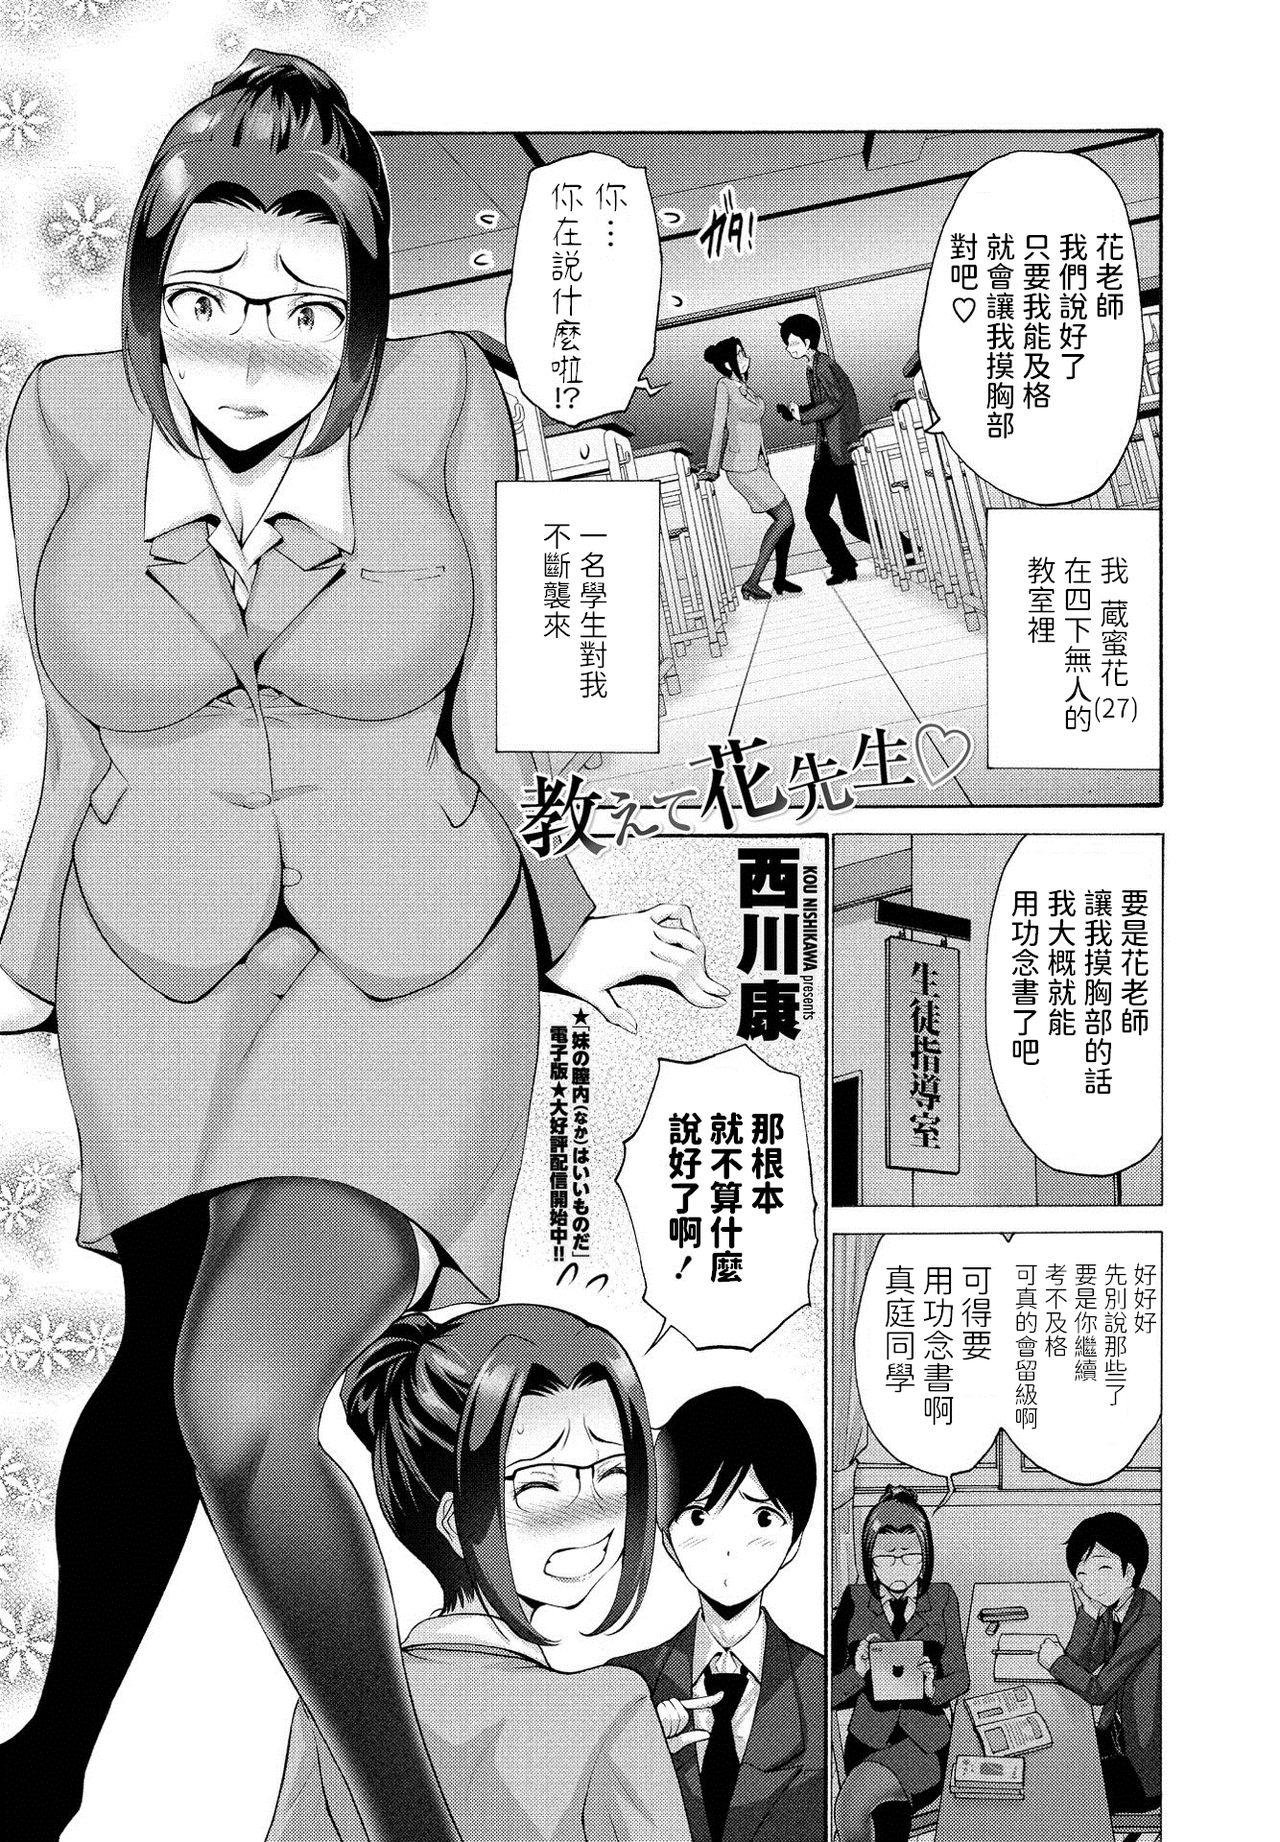 [西川康] 教えて花先生♡ (COMIC ペンギンクラブ 2021年3月號) [中國翻訳] [DL版] - 情色卡漫 -